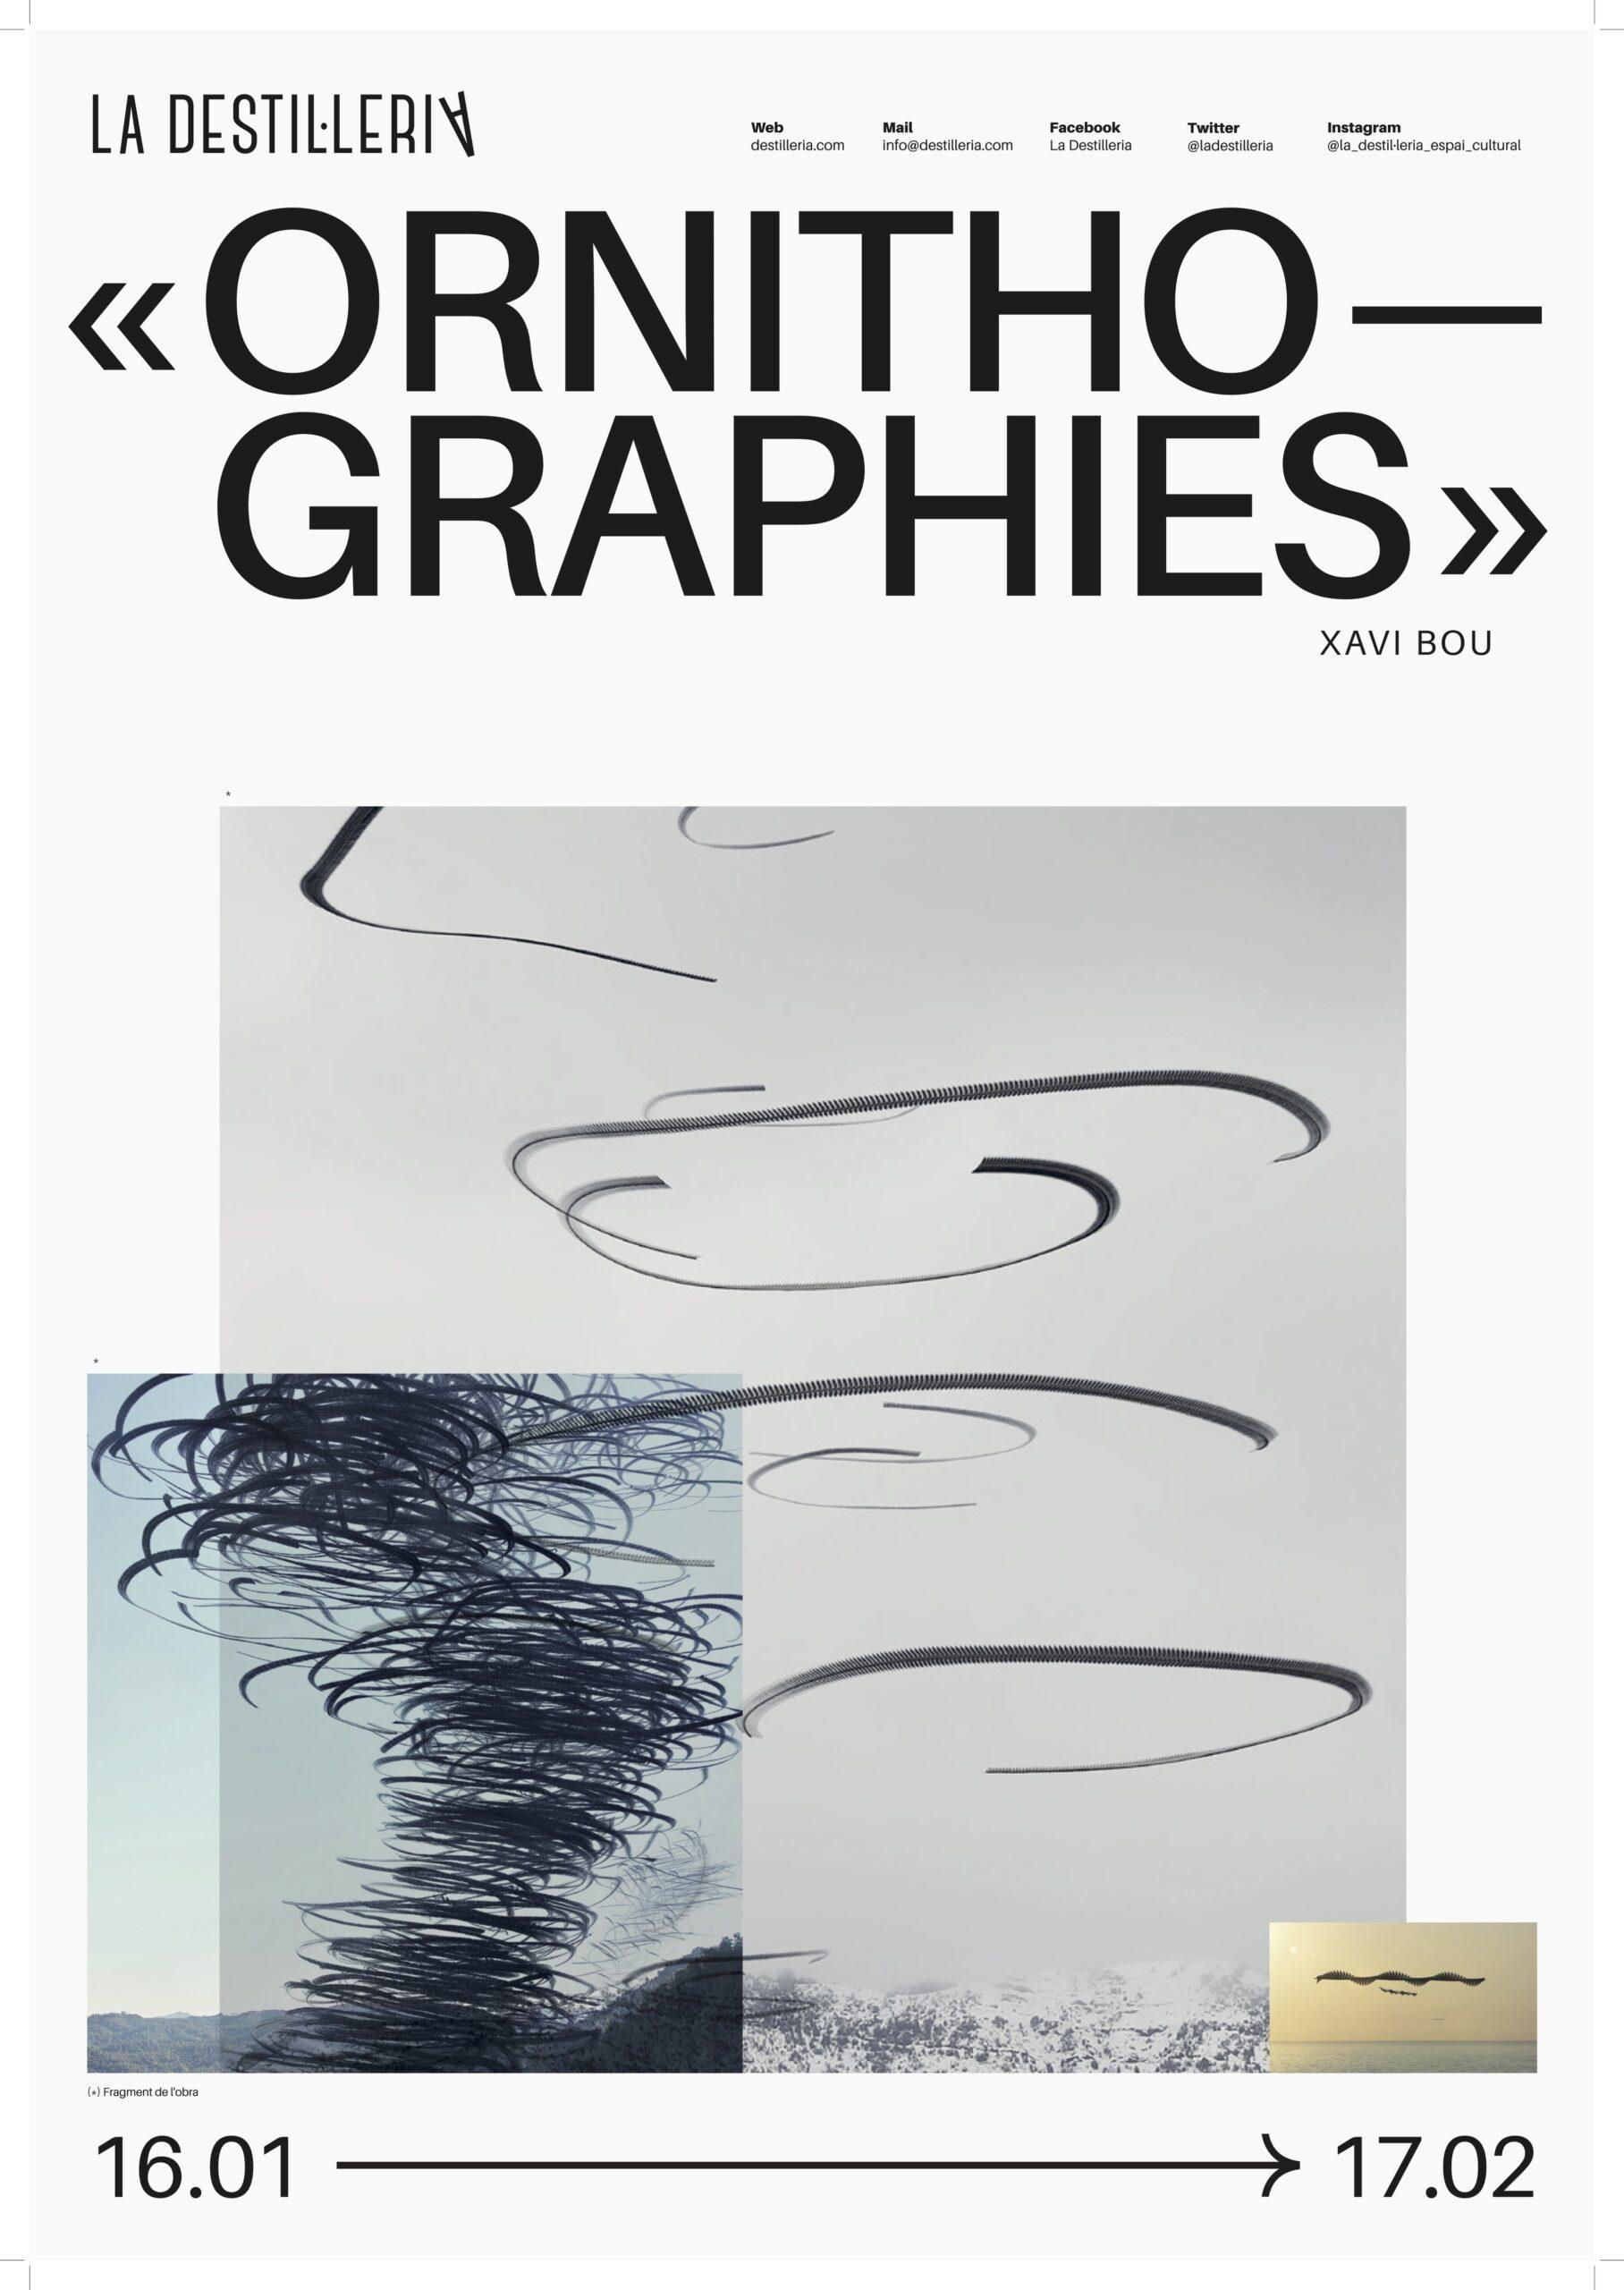 """""""Ornitografies"""" és el nom de l'exposició del fotògraf Xavi Bou"""